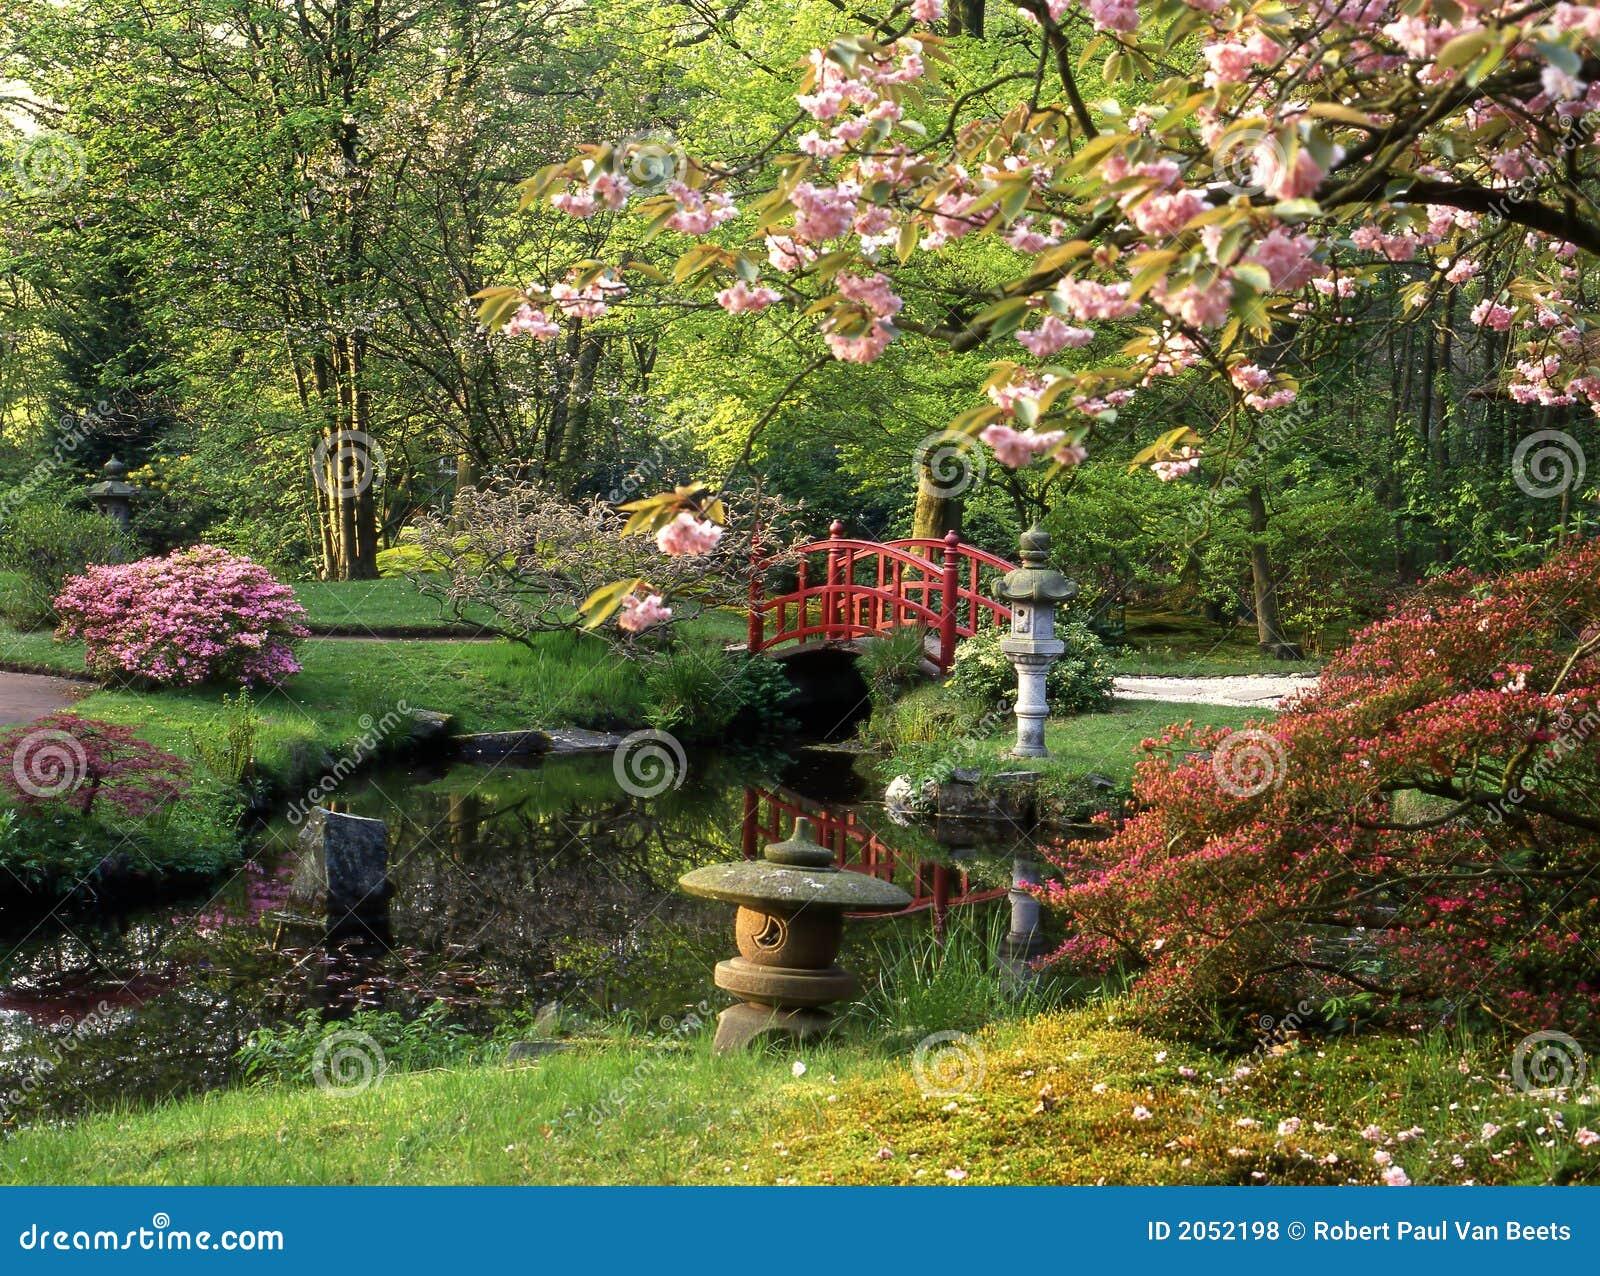 plantas jardim japones:Jardim japonês com ponte e água vermelhas. Florescência das flores.